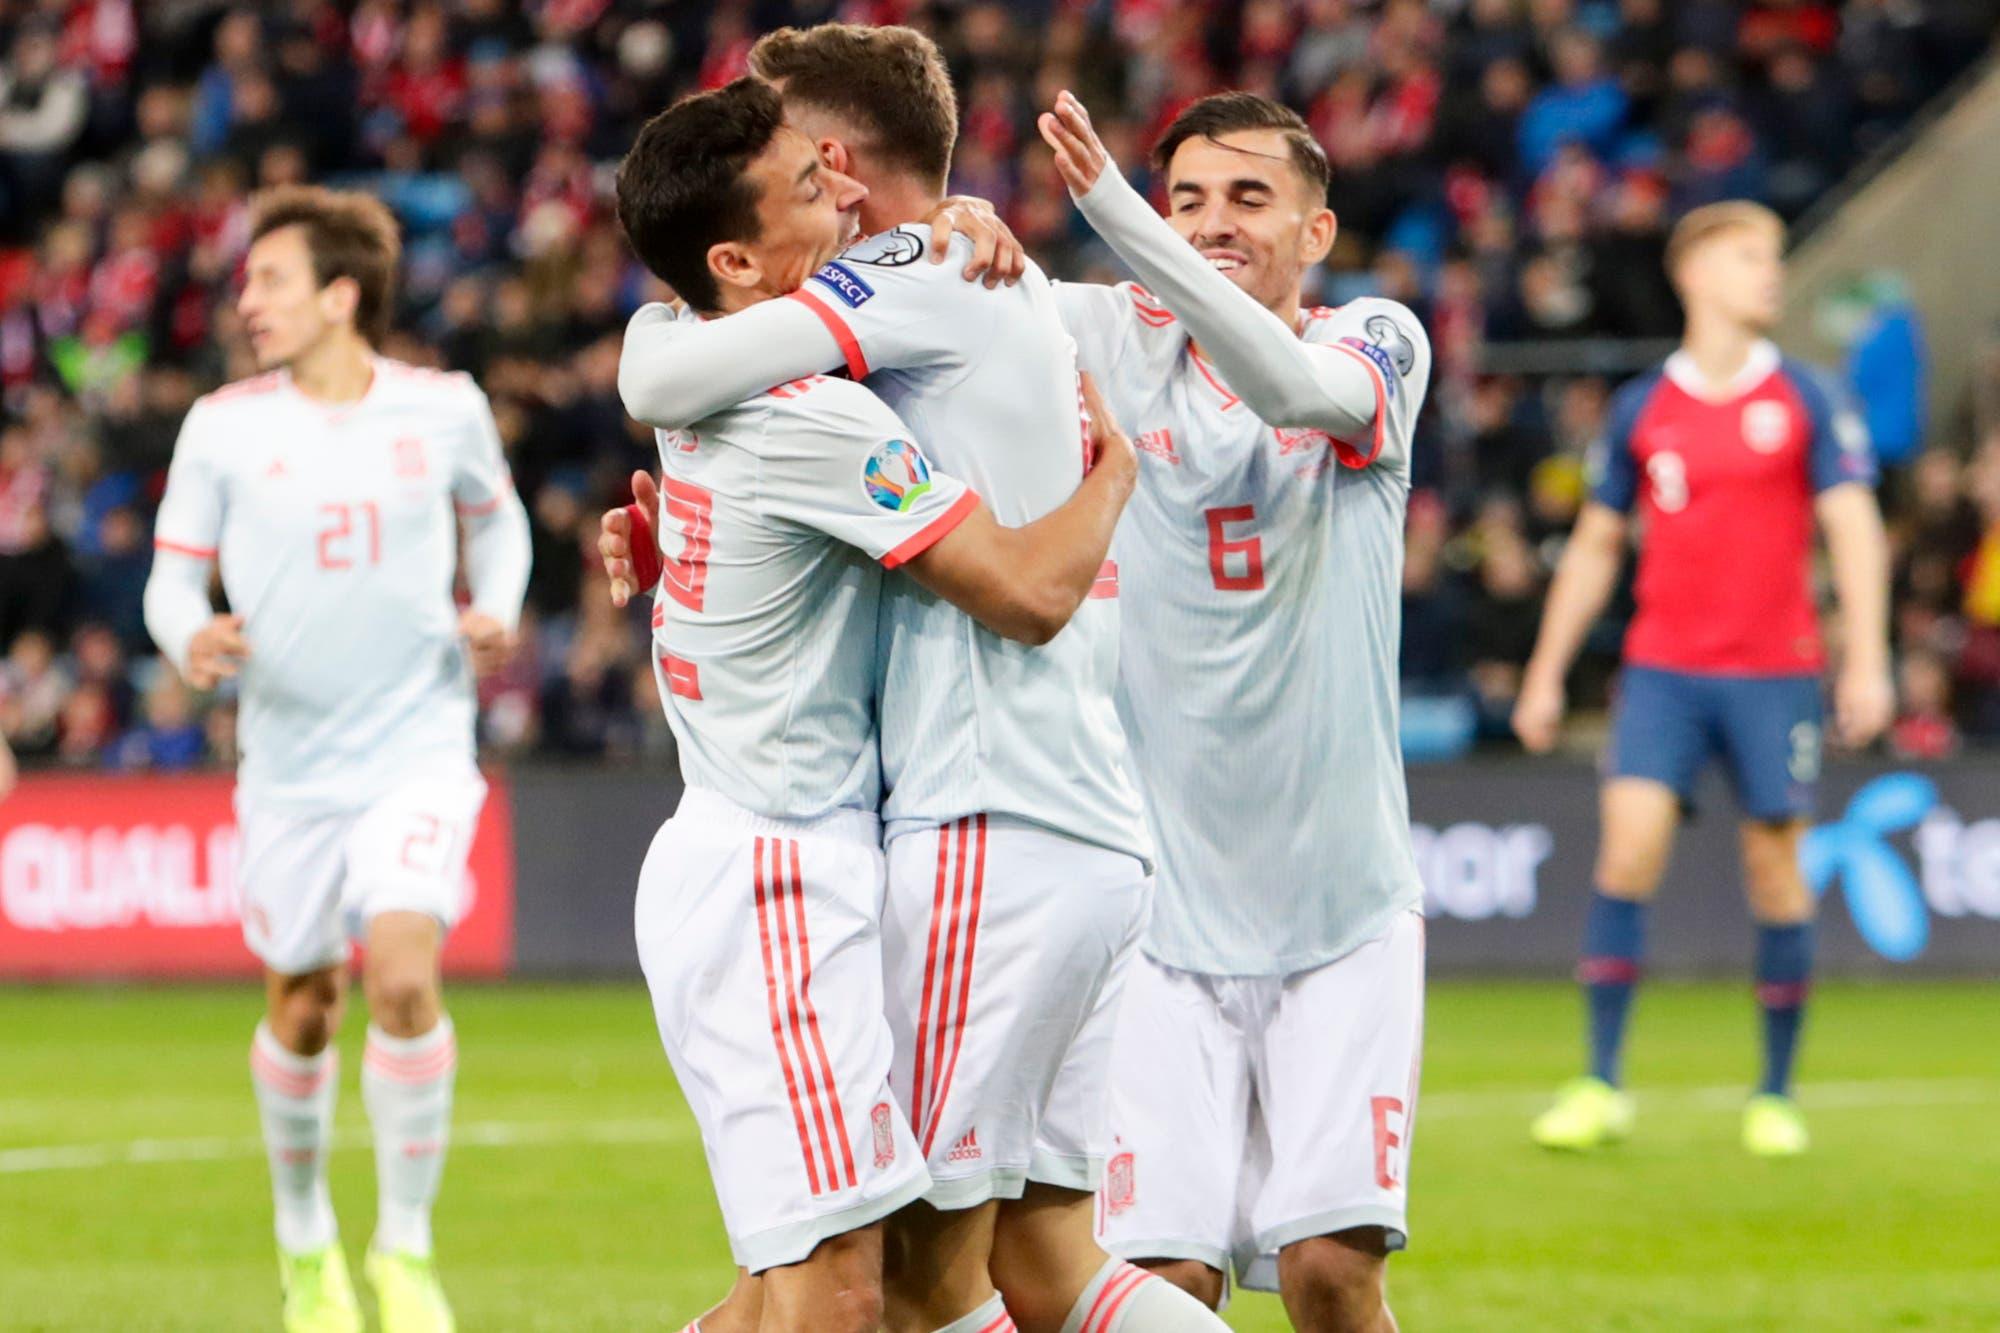 Eliminatorias Eurocopa 2020: España se clasificó con un gol sobre la hora y es la sexta selección en conseguir una plaza